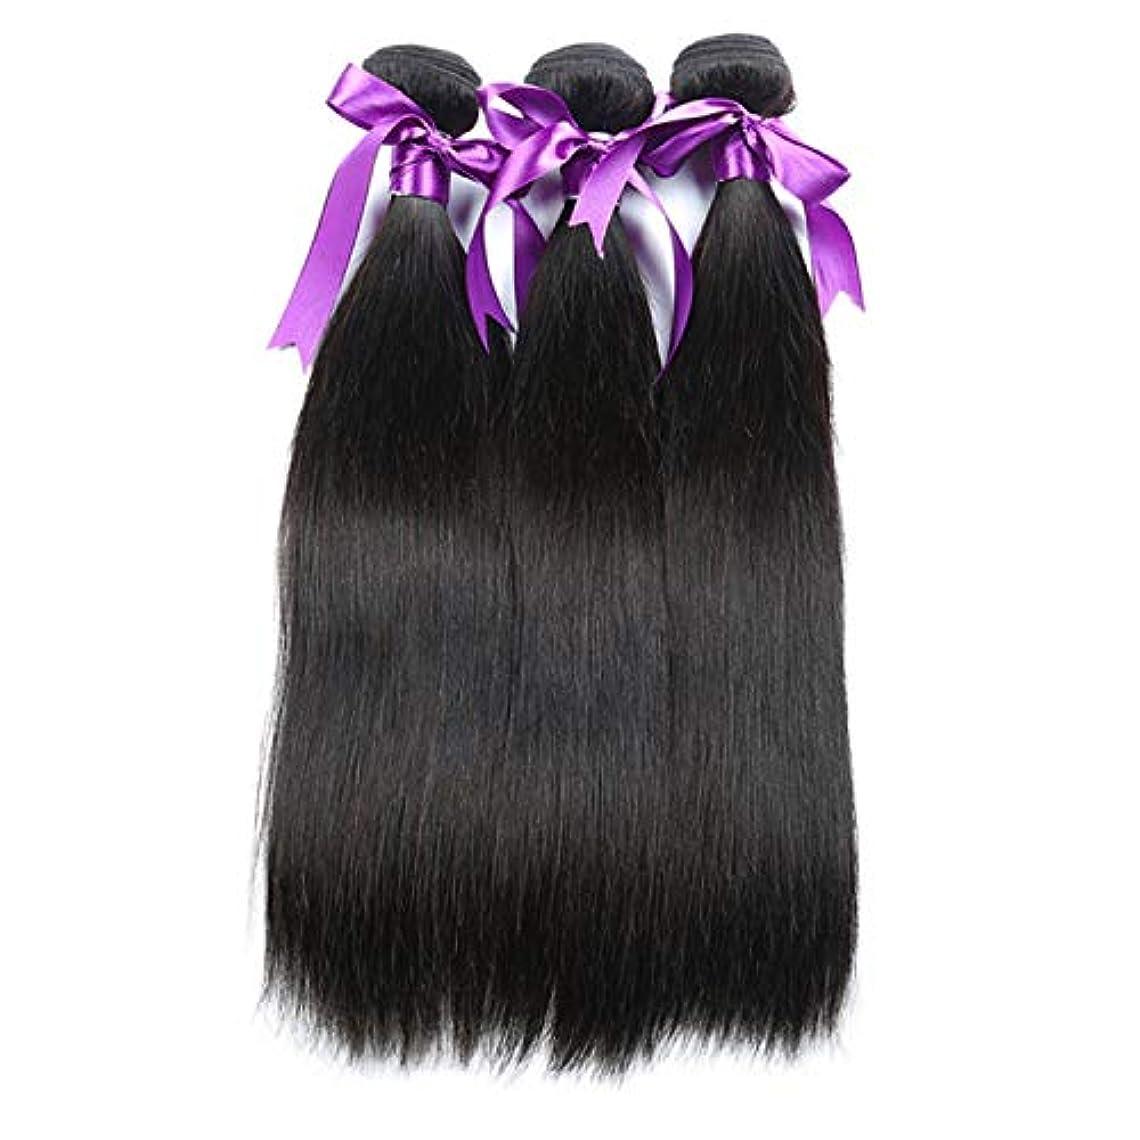 暫定の郡師匠かつら 髪マレーシアストレートヘア3個人間の髪の束非レミーの毛延長8-28インチボディヘアウィッグ (Length : 12 14 16)